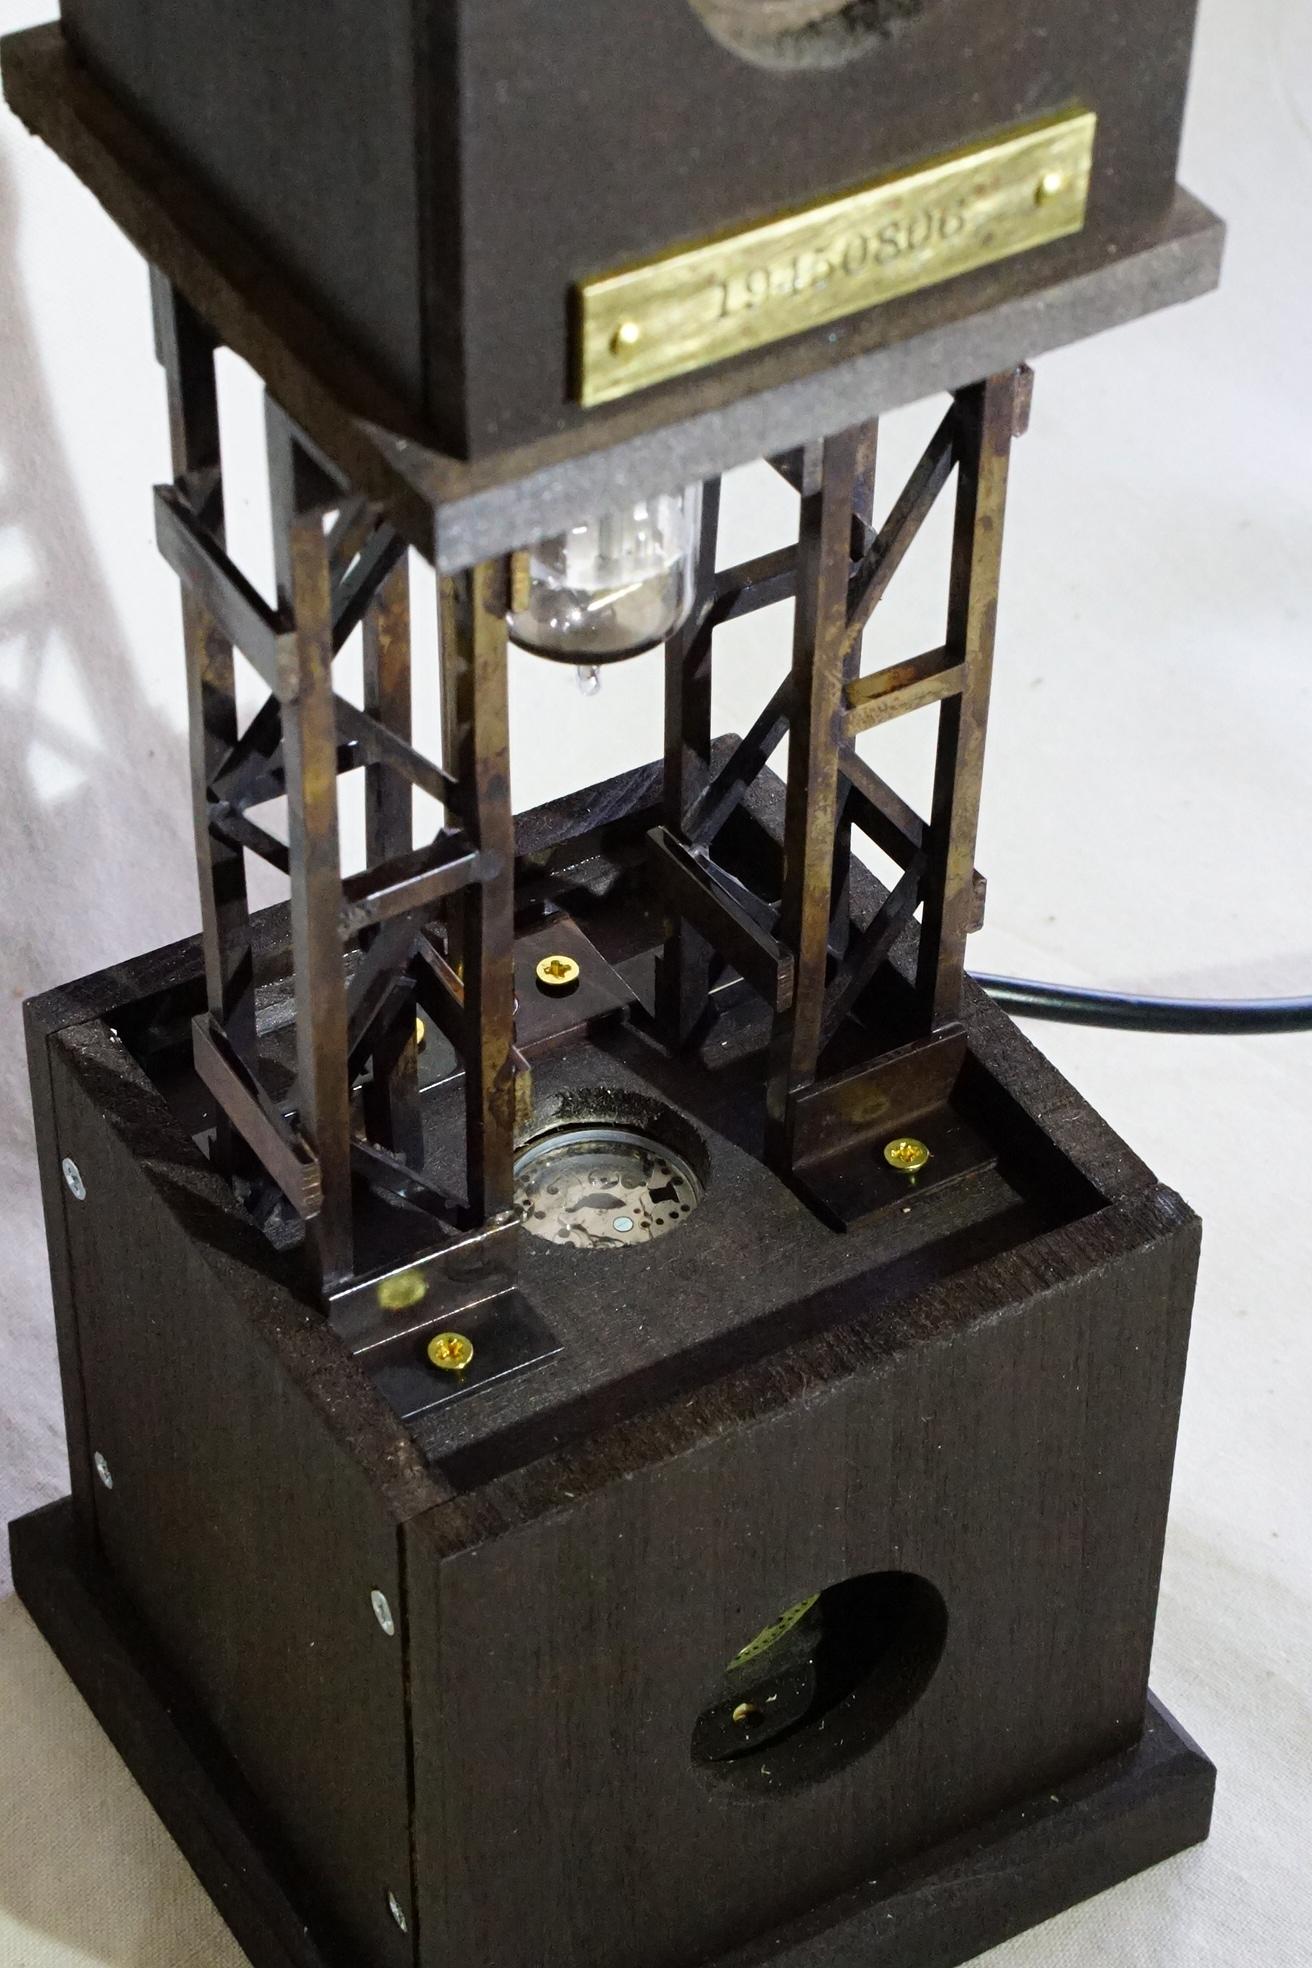 時計のいろいろな部品を使用しています